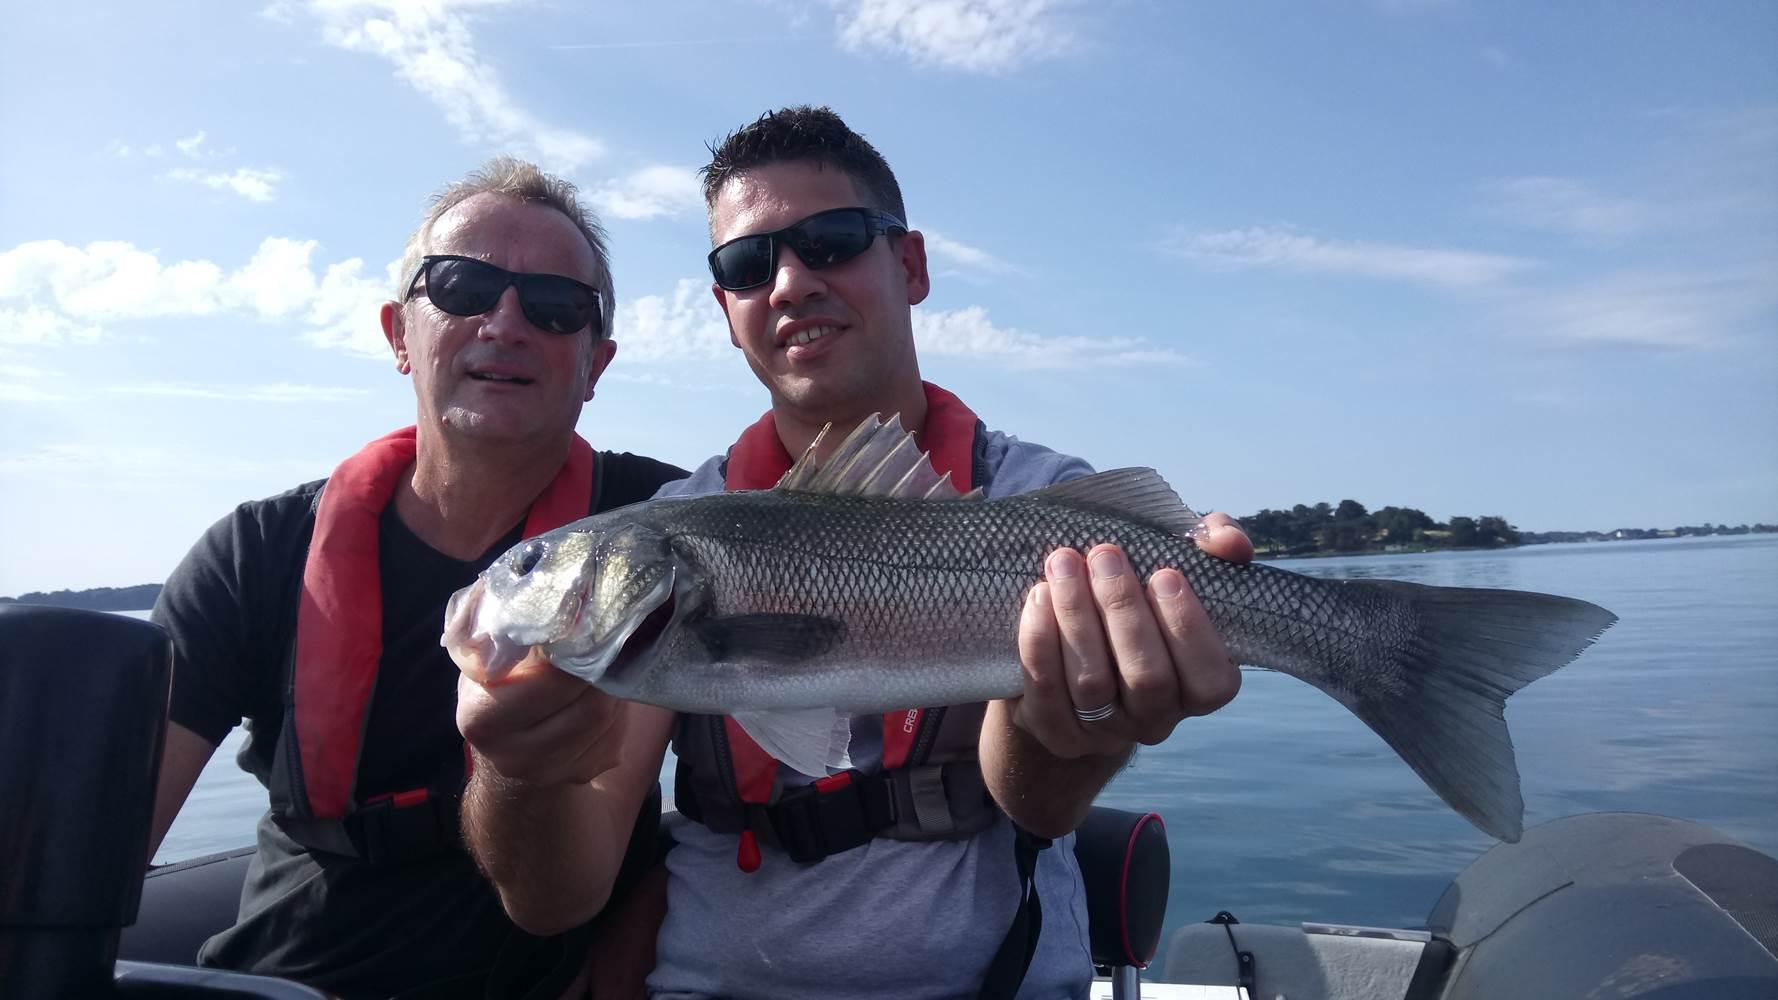 Guide de pêche dans le Golfe du Morbihan- Sortie pêche en mer en bateau- Guide de pêche Vannes, Sarzeau, séné, Larmor-Baden, Arzon ©